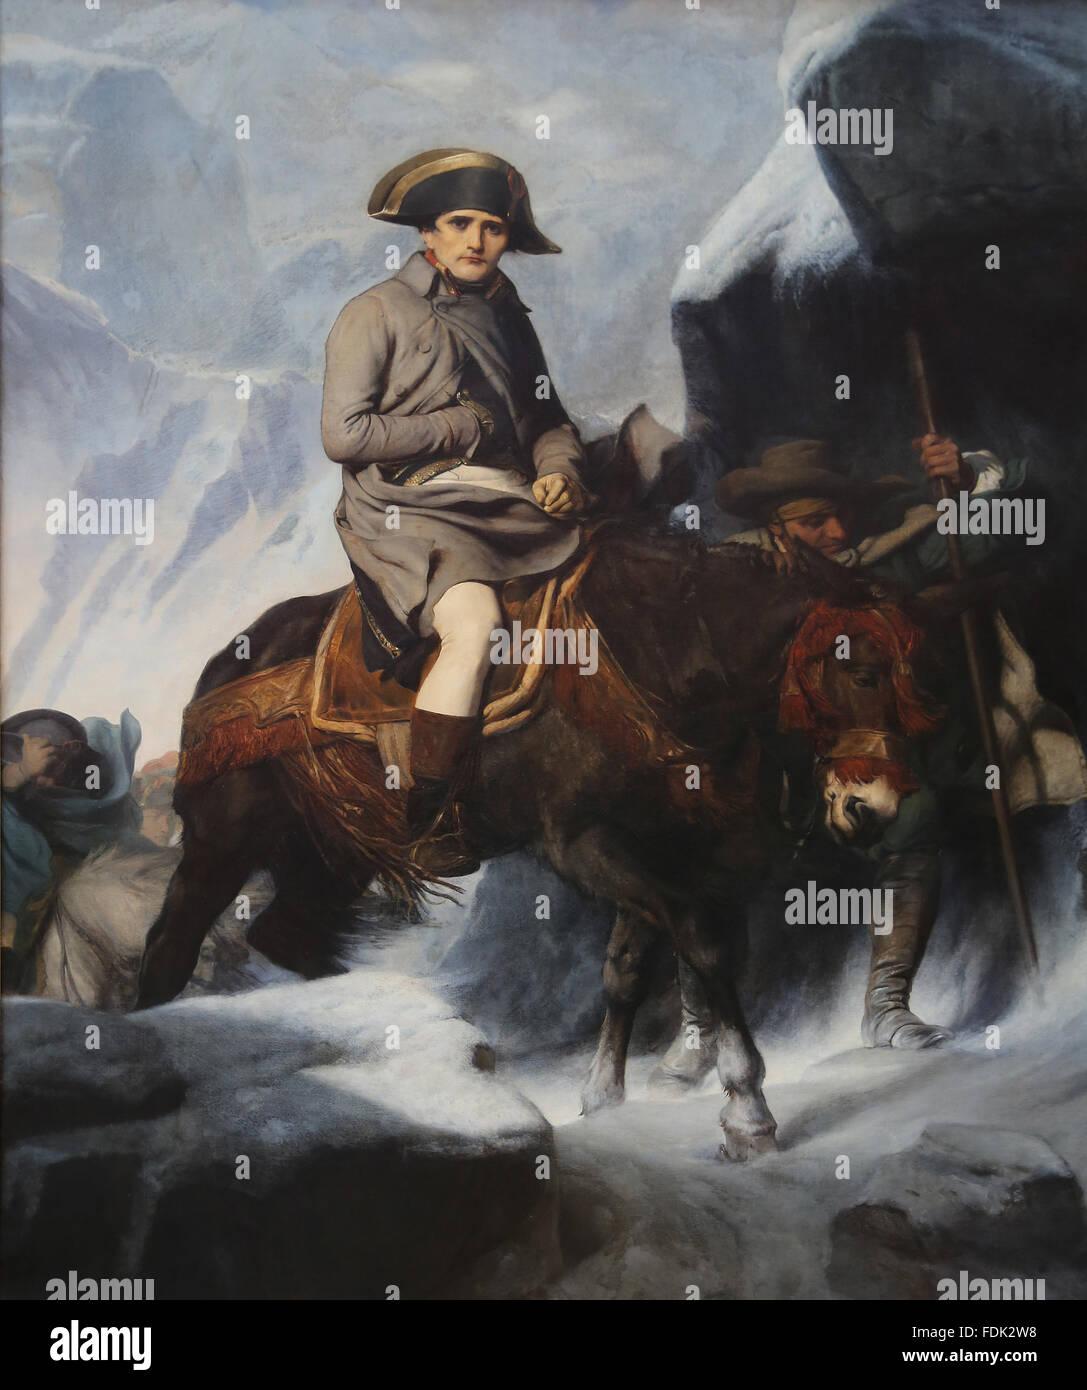 Napoléon Bonaparte (1769-1821). Bonaparte franchissant les Alpes, 1850. Par Paul Delaroche (1797-1856). Musée Photo Stock